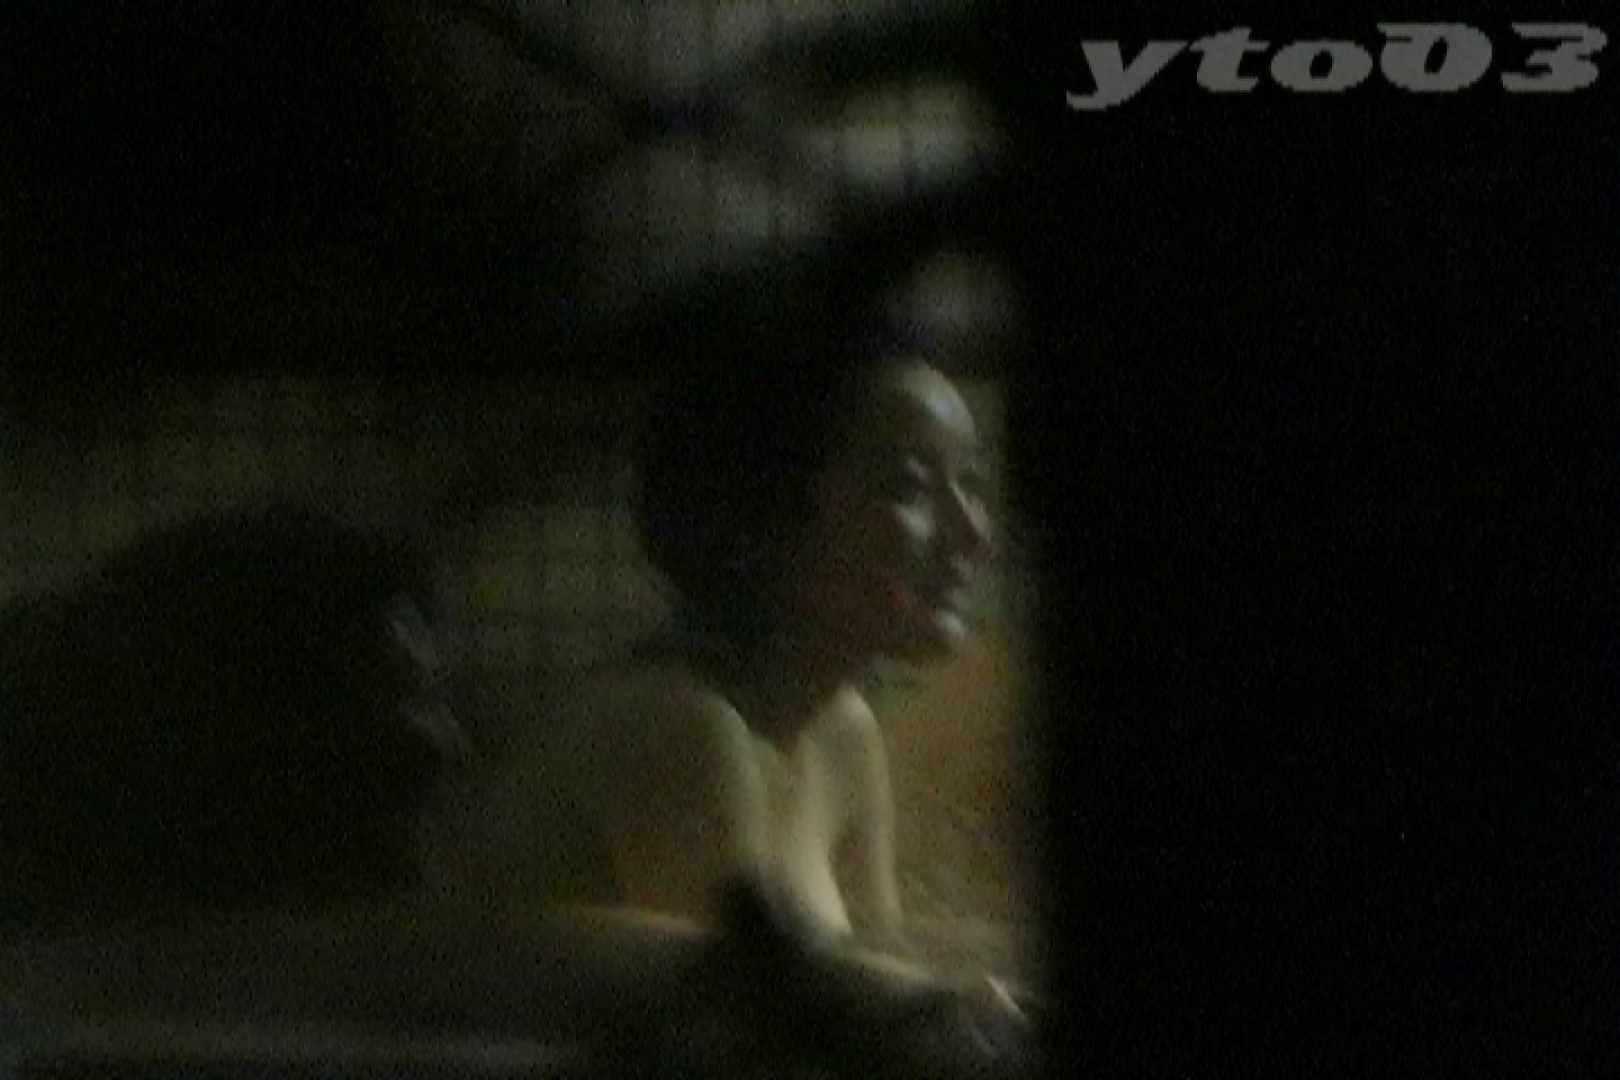 ▲復活限定▲合宿ホテル女風呂盗撮 Vol.20 ホテル セックス無修正動画無料 93枚 15